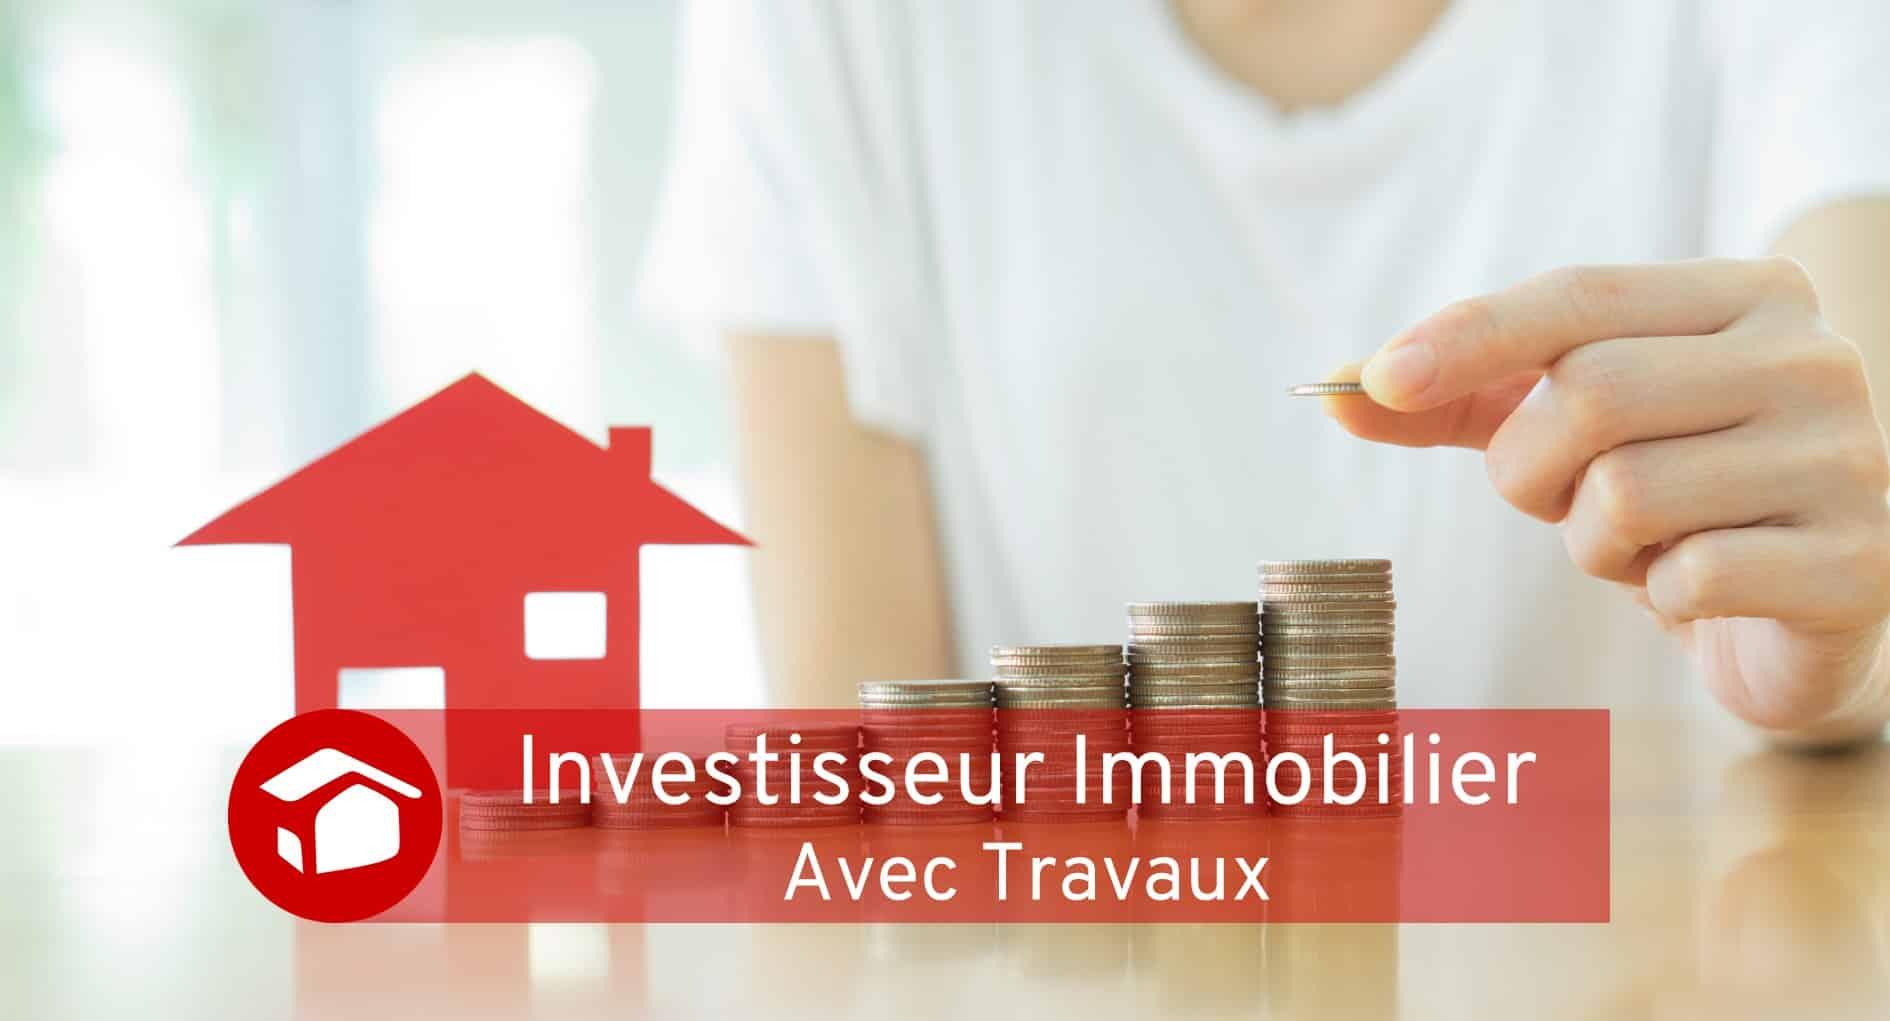 Investisseur Immobilier avec travaux Travaux Meilleur Projet